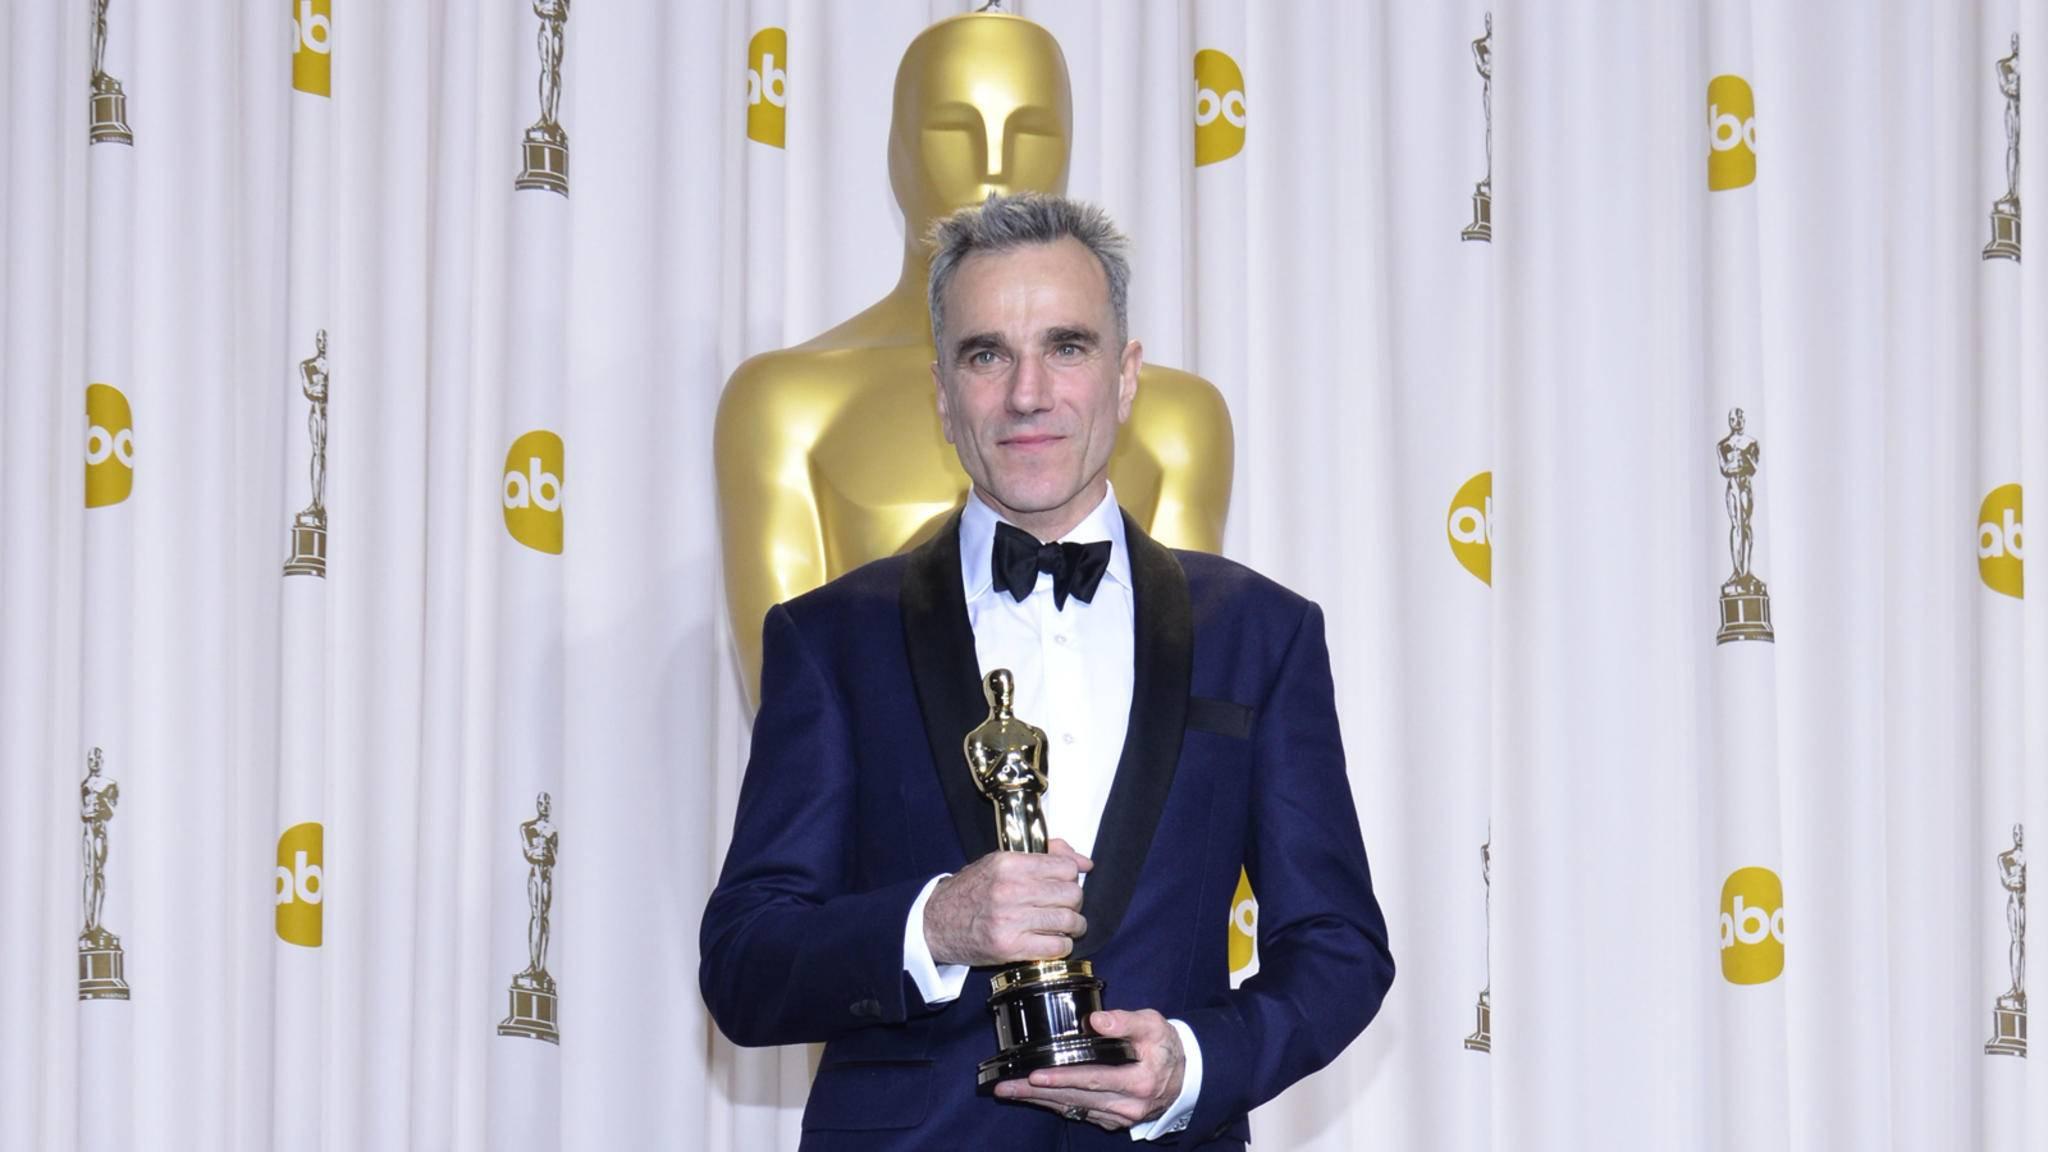 Diesen Anblick werden wir vermissen: Daniel Day-Lewis bei den Academy Awards.